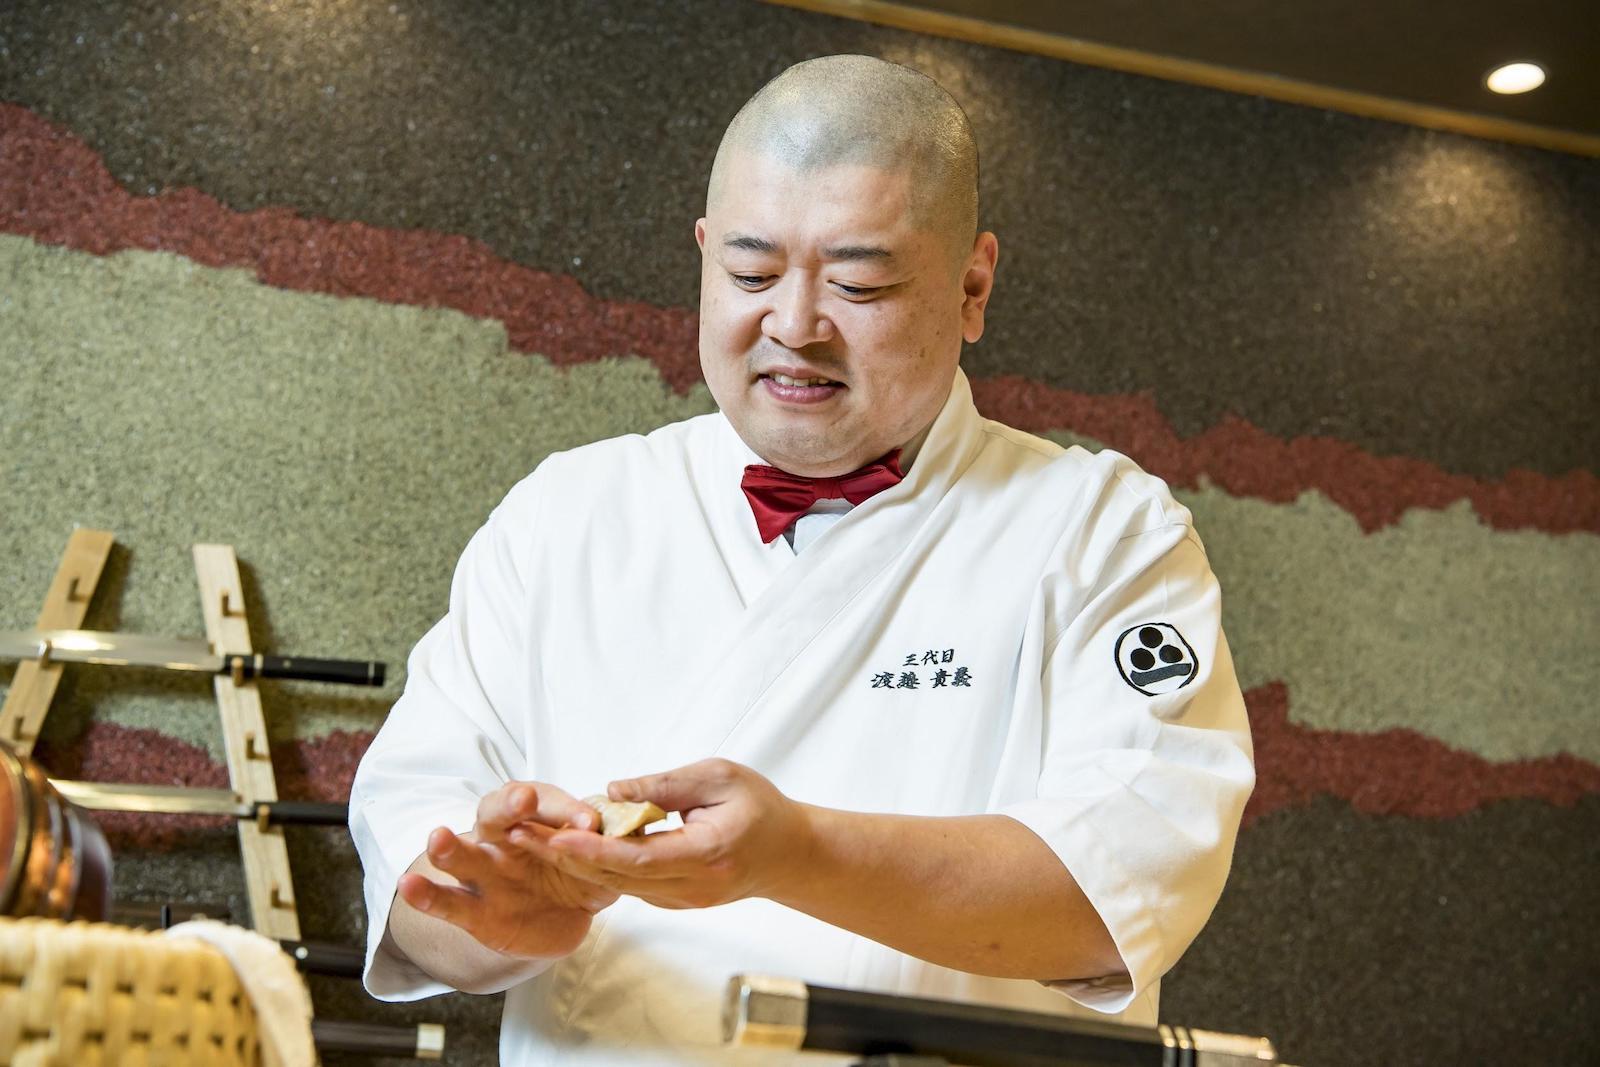 寿司をにぎる渡邉さん